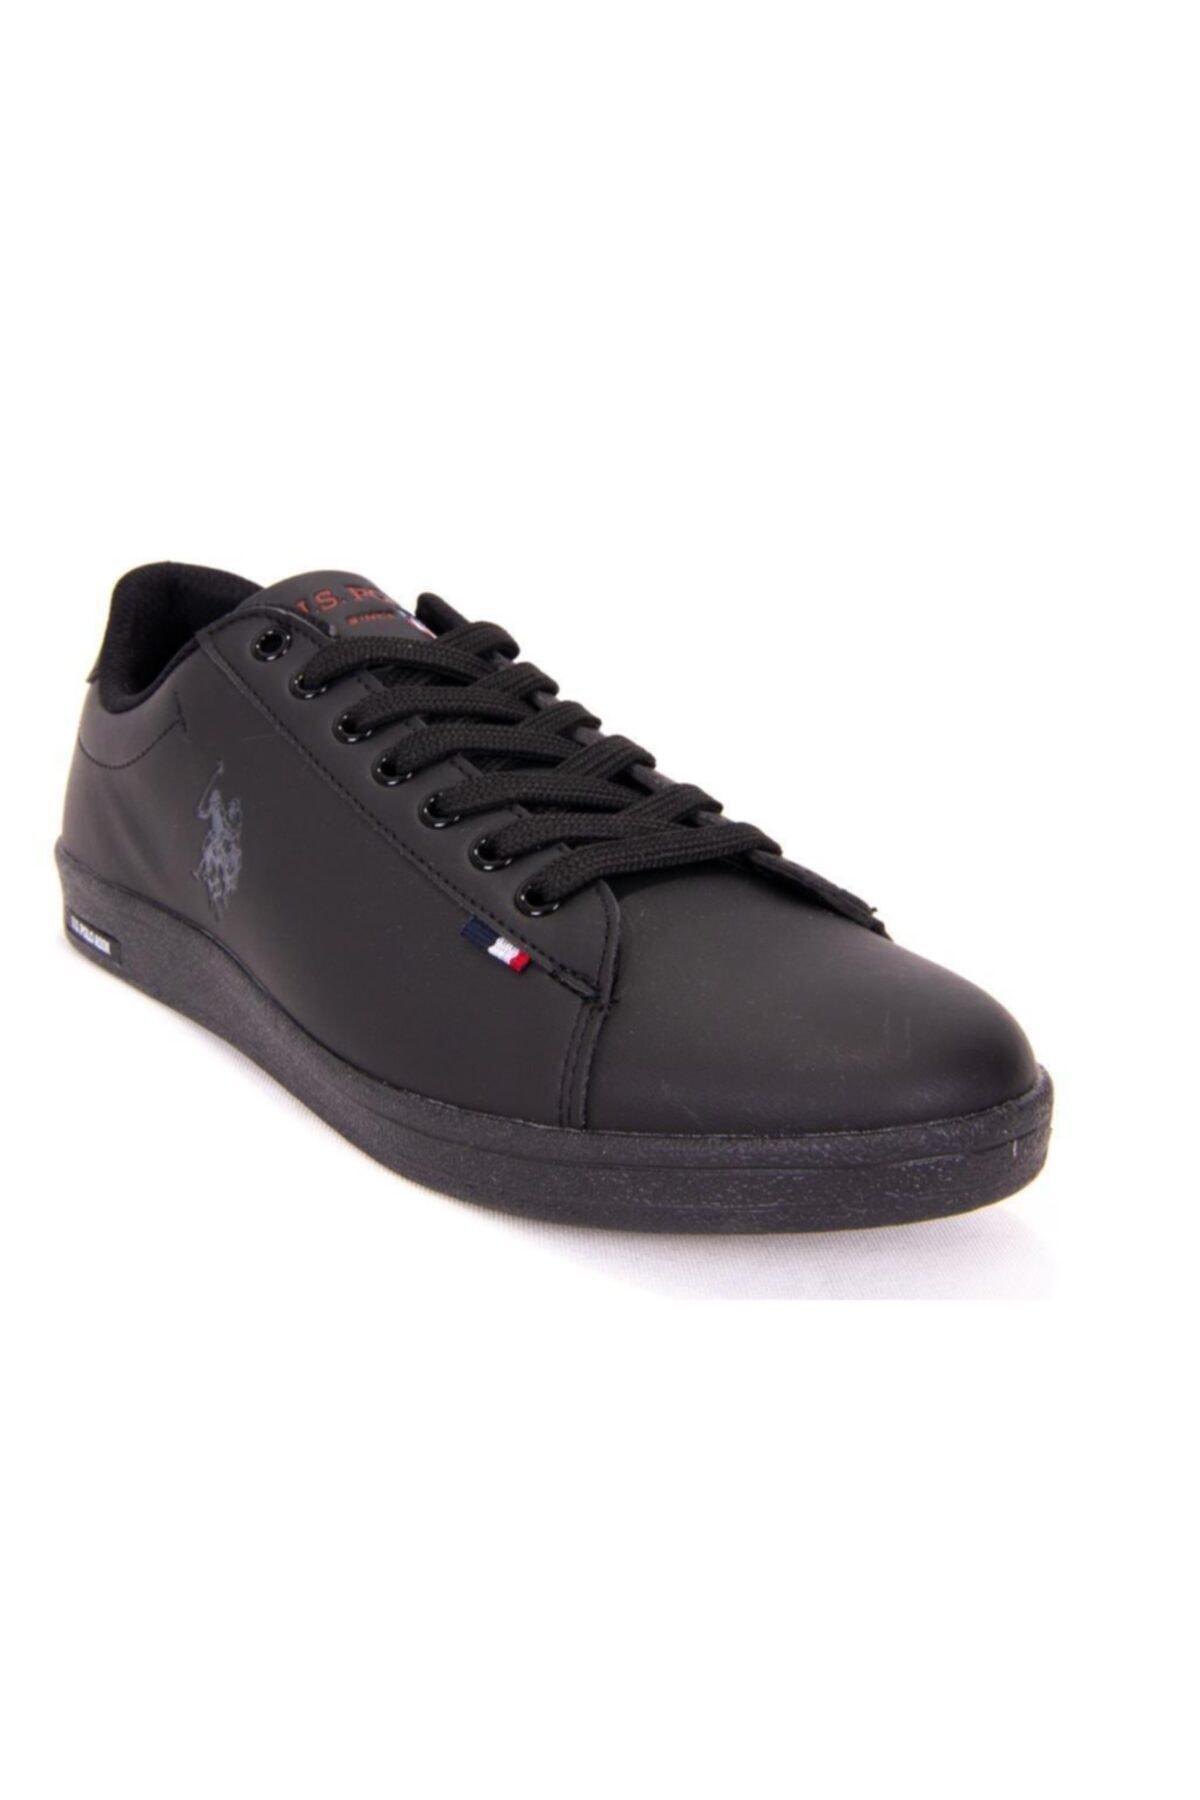 U.S POLO FRANCO DHM Siyah Kadın Sneaker Ayakkabı 100548977 1